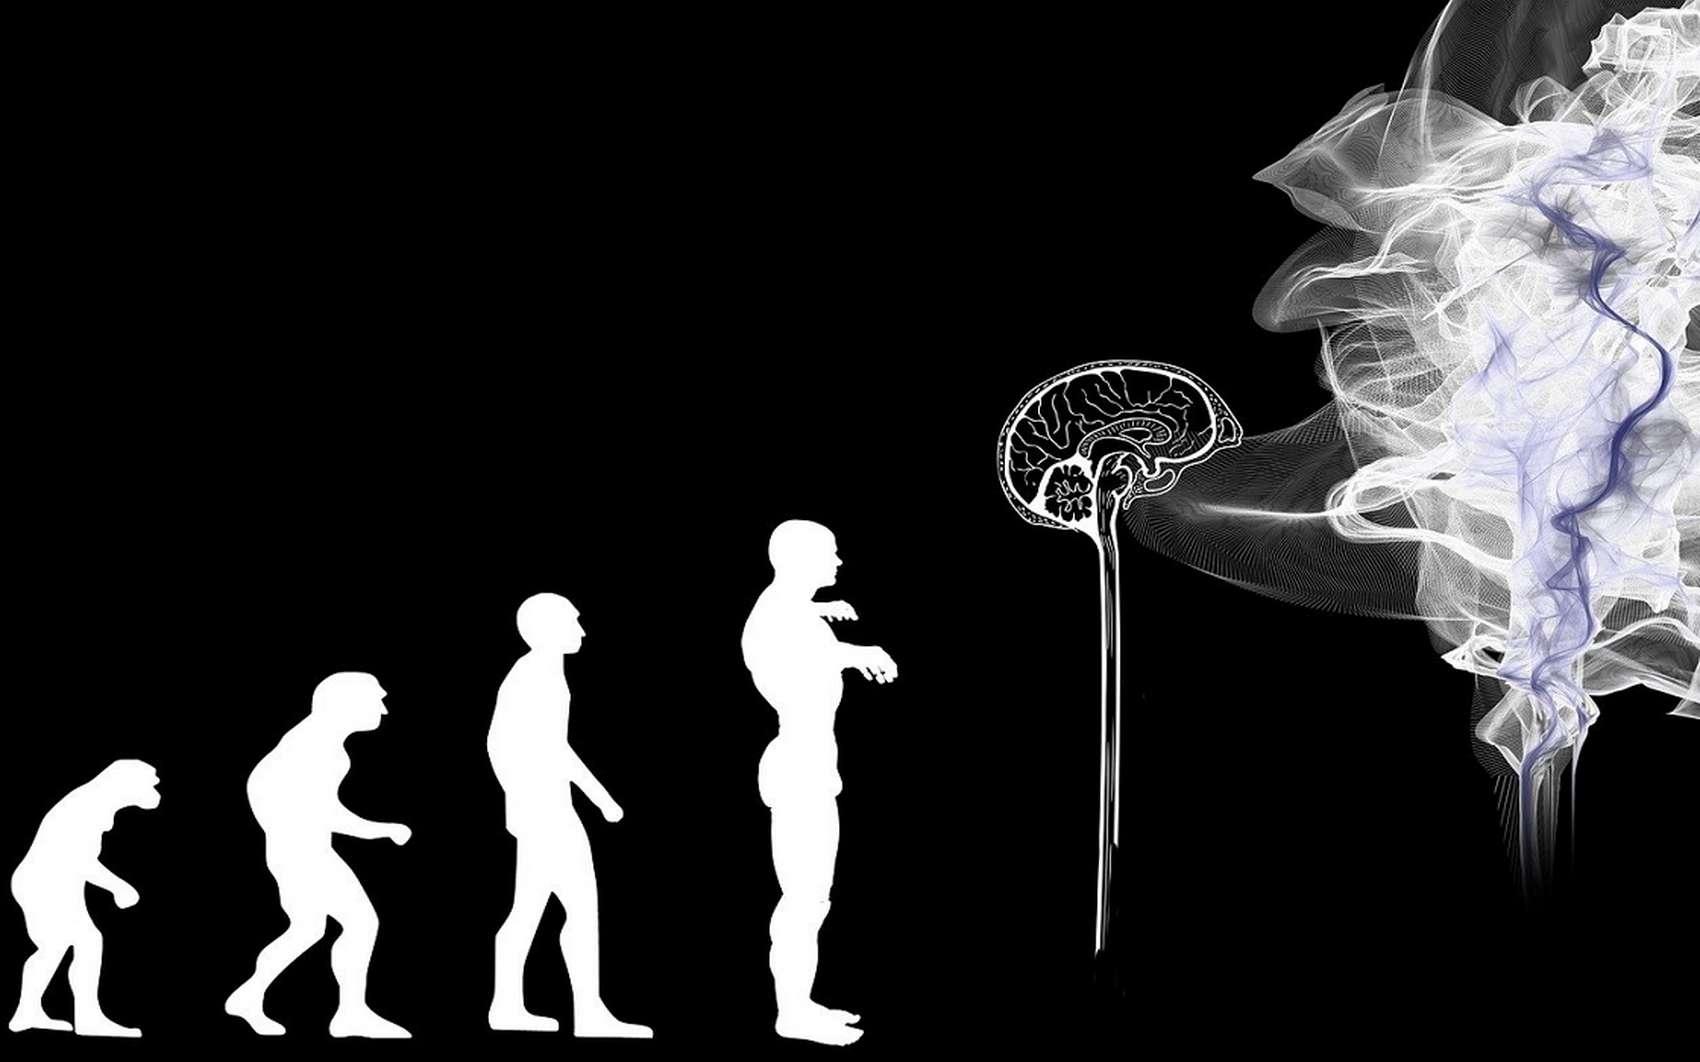 L'Homme descend-il du singe ? © geralt by Pixabay